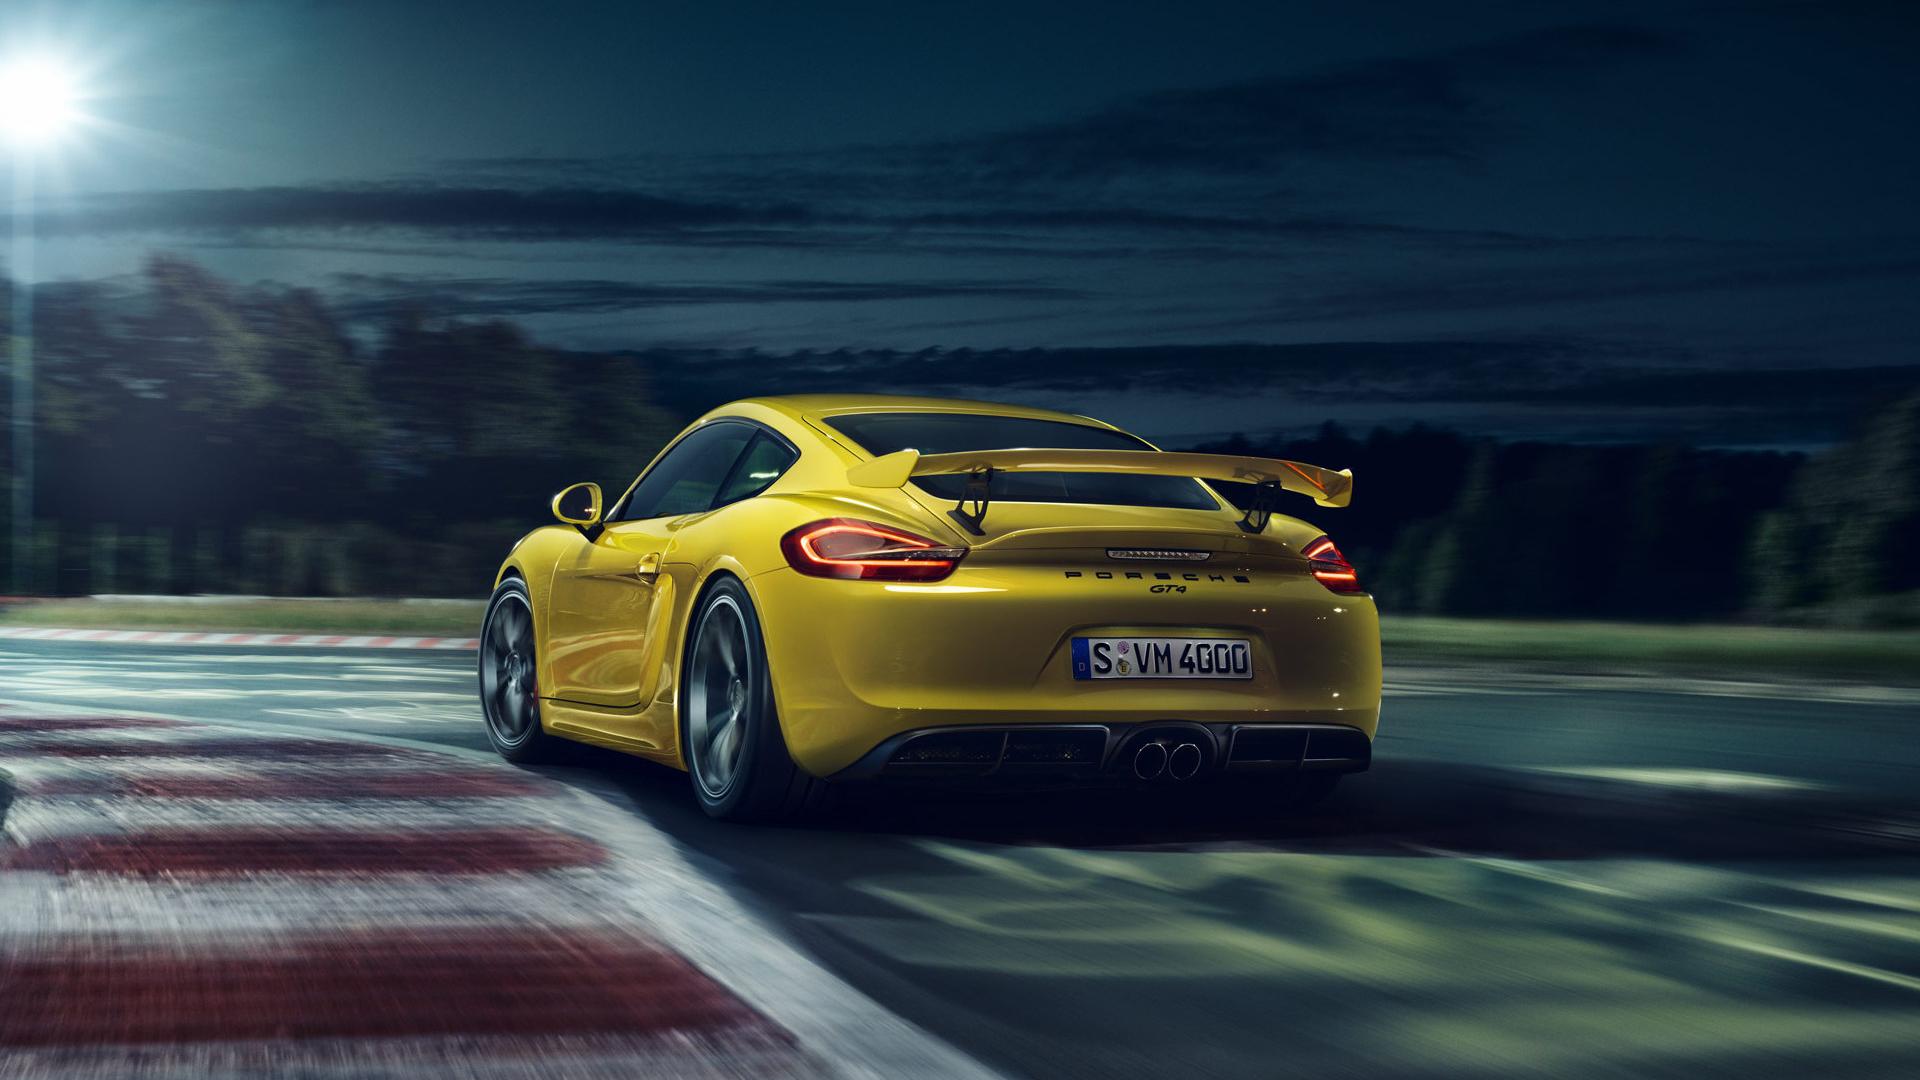 Cayman Gt4 Wall Paper: Porsche Cayman GT4 HD Wallpaper